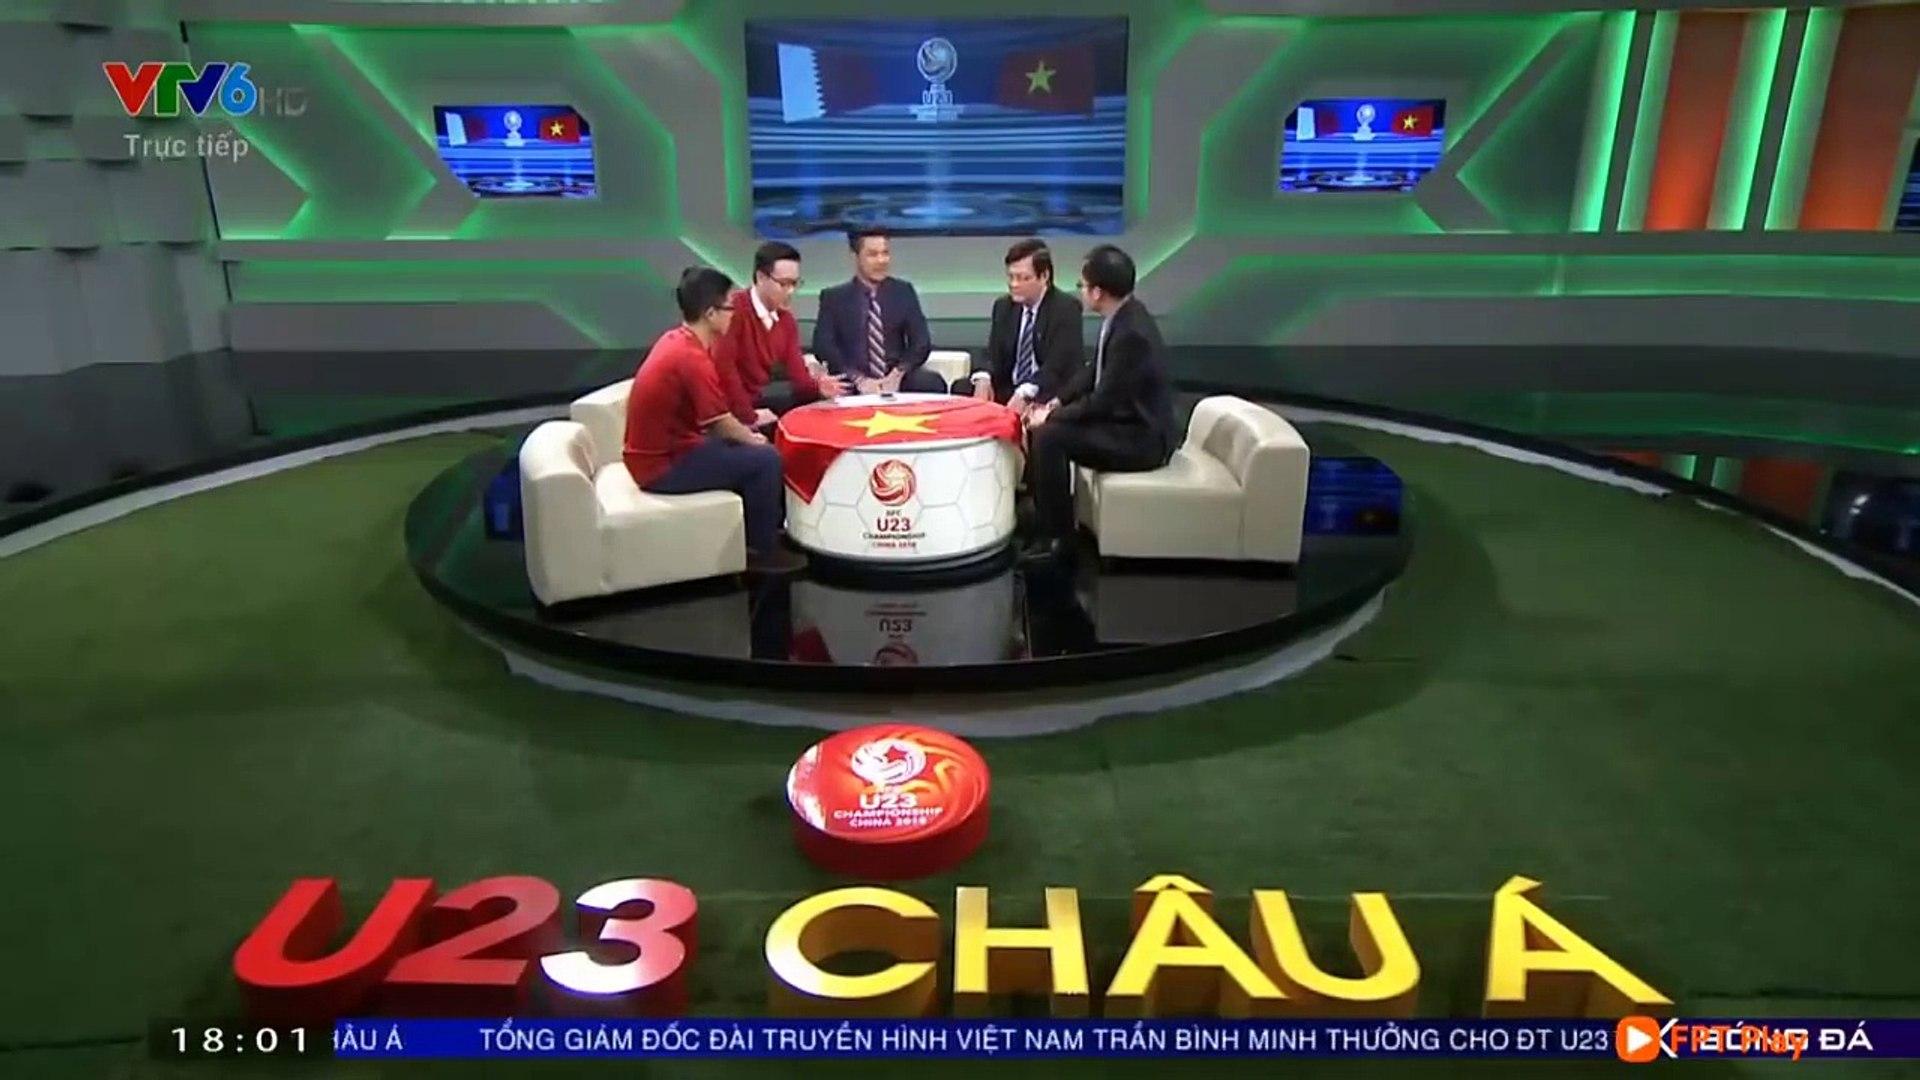 U23 Việt Nam vs U23 Qatar | Bình Luận Sau Trận Đấu | Cả trường quay VTV đã khóc khi VN vào Chung Kết